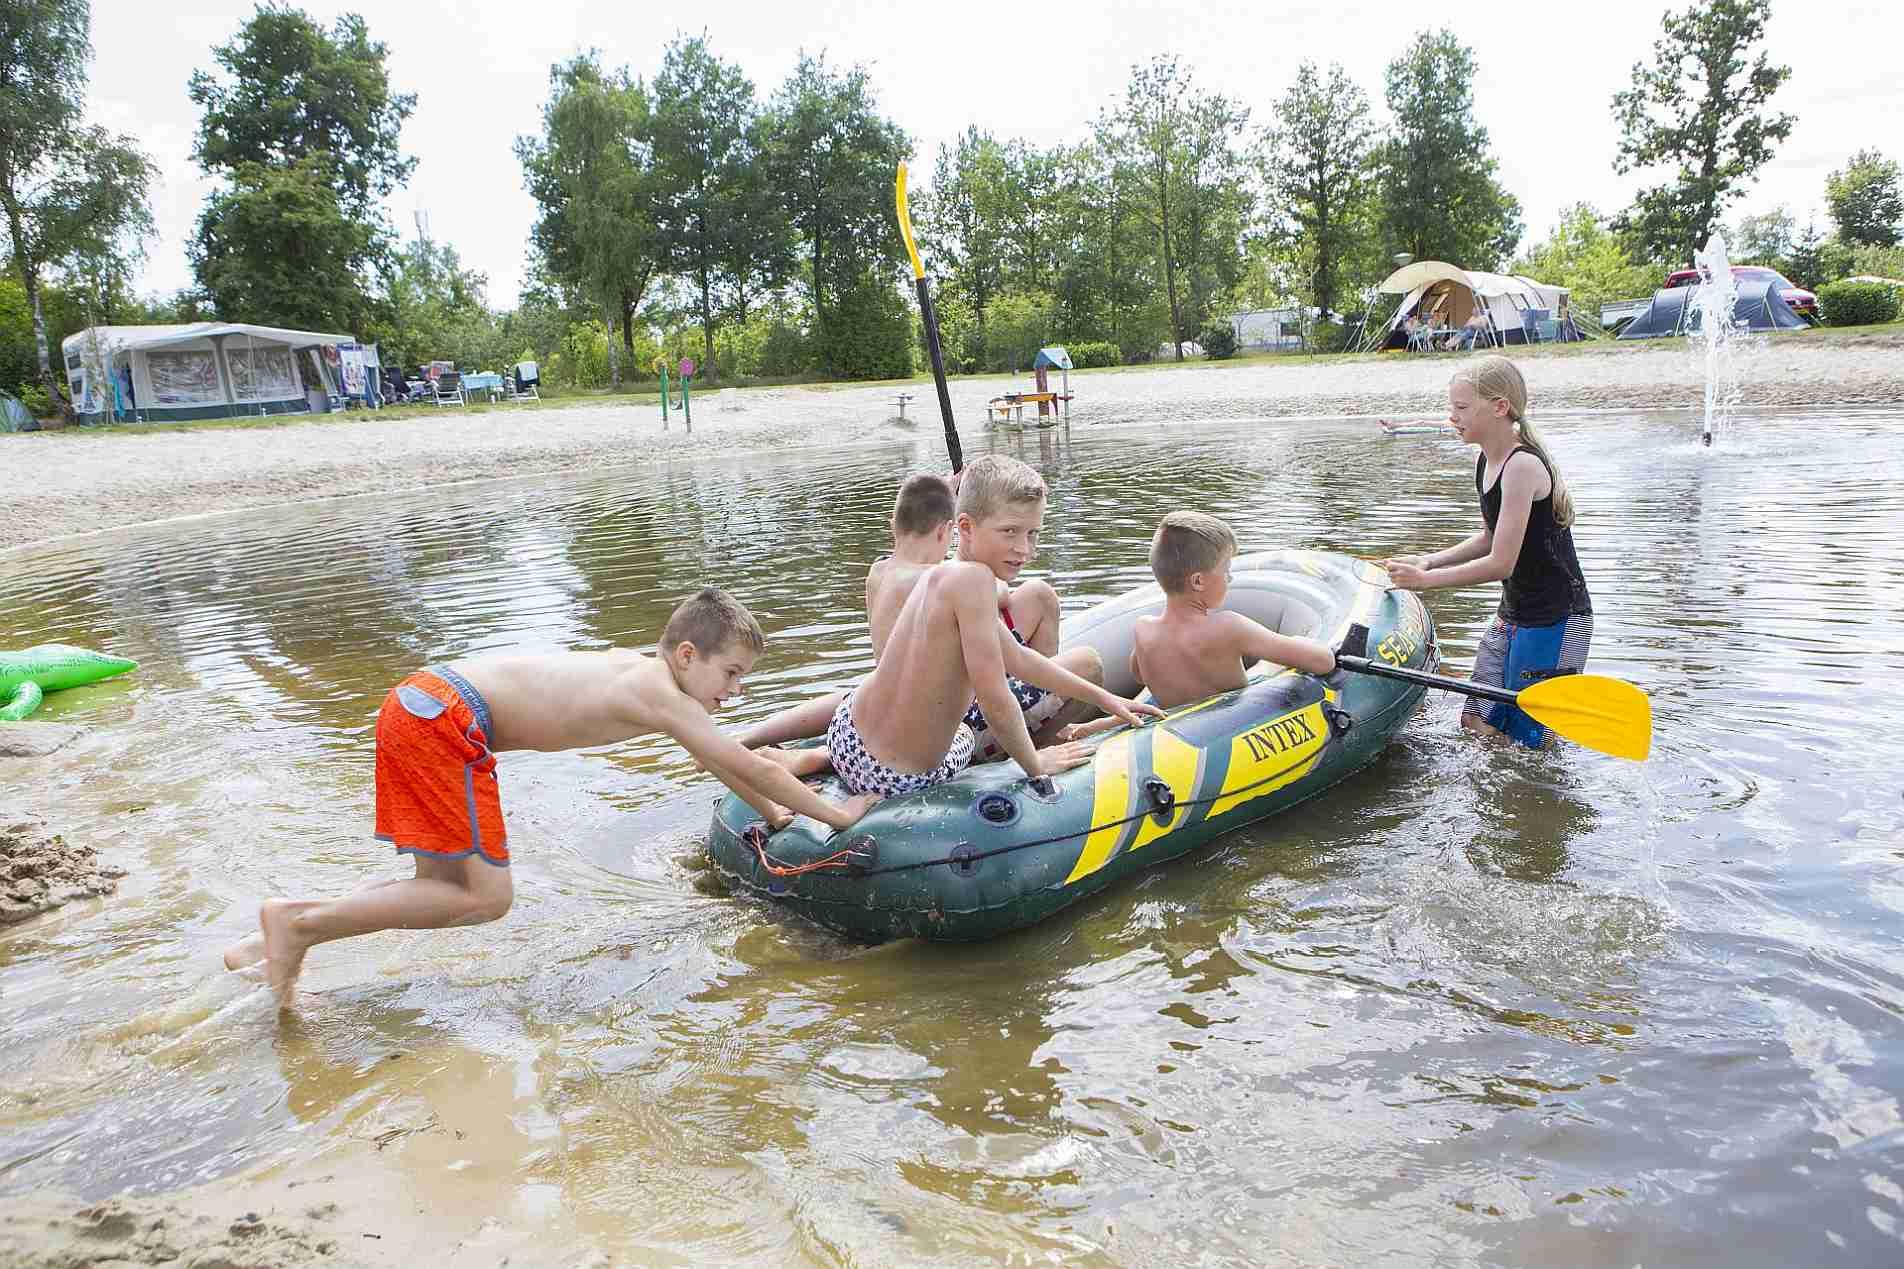 Kindvriendelijke Camping In Overijssel 5 Sterren Het Stoetenslagh